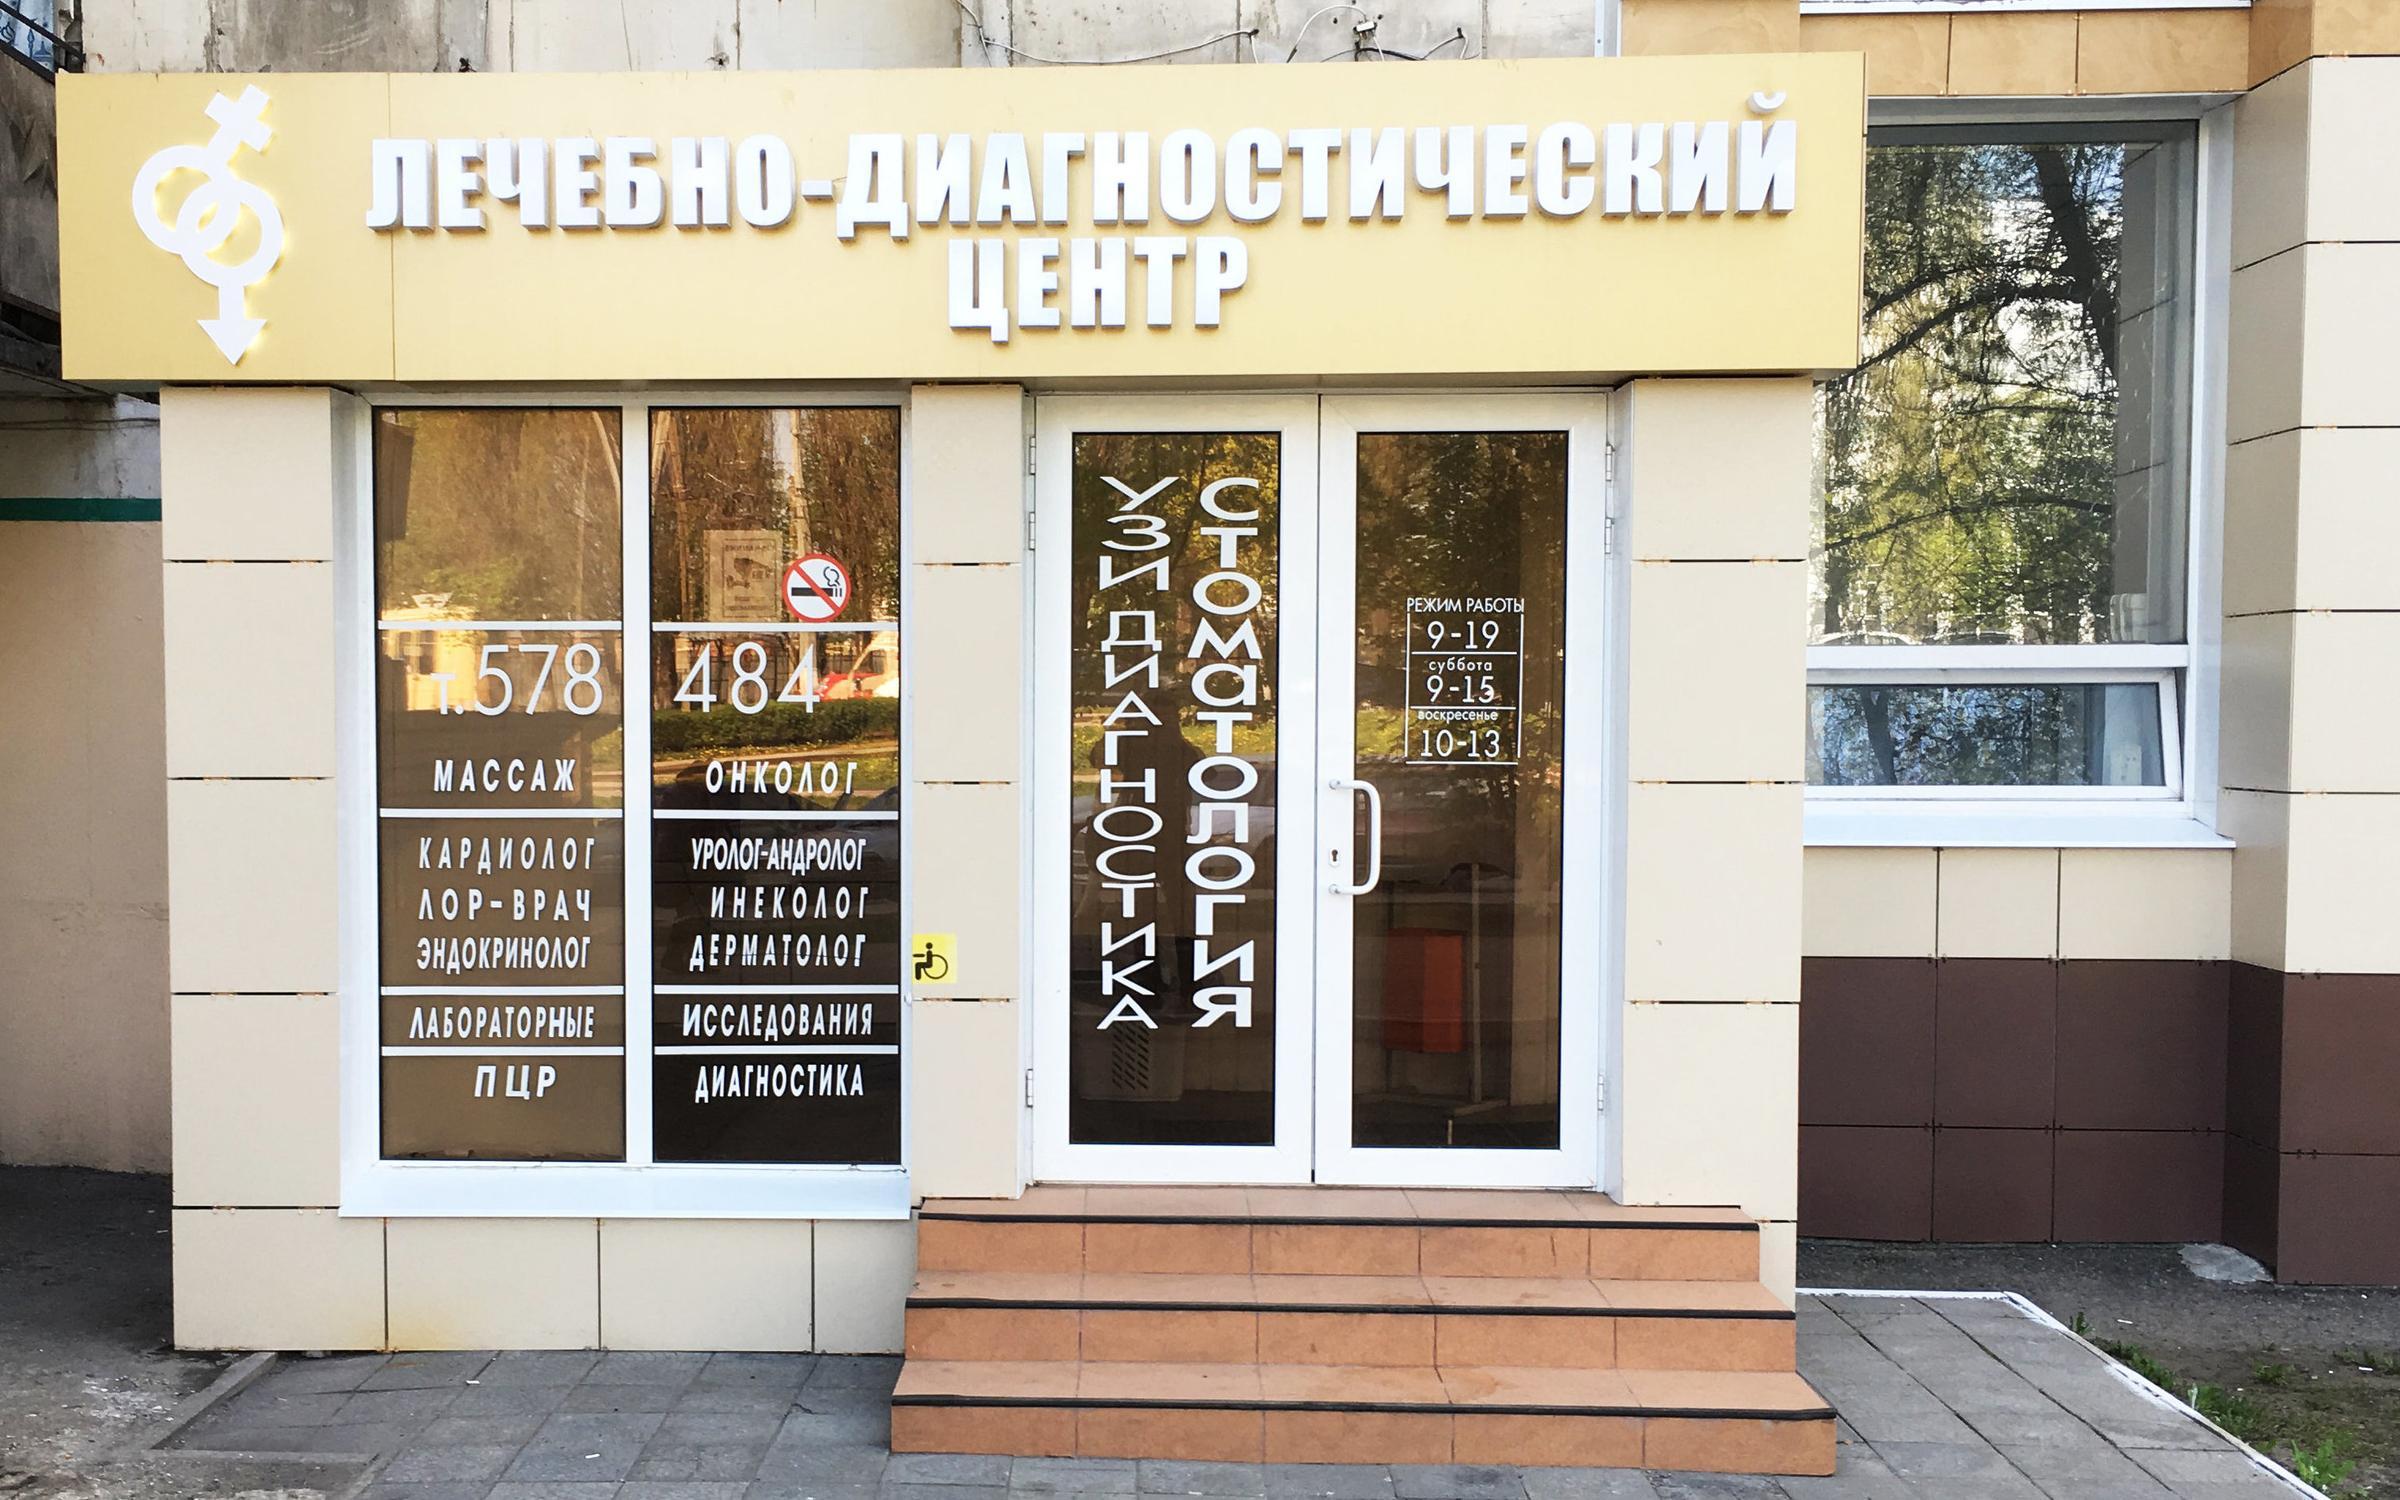 фотография Лечебно-диагностического центра на улице Щорса, 24